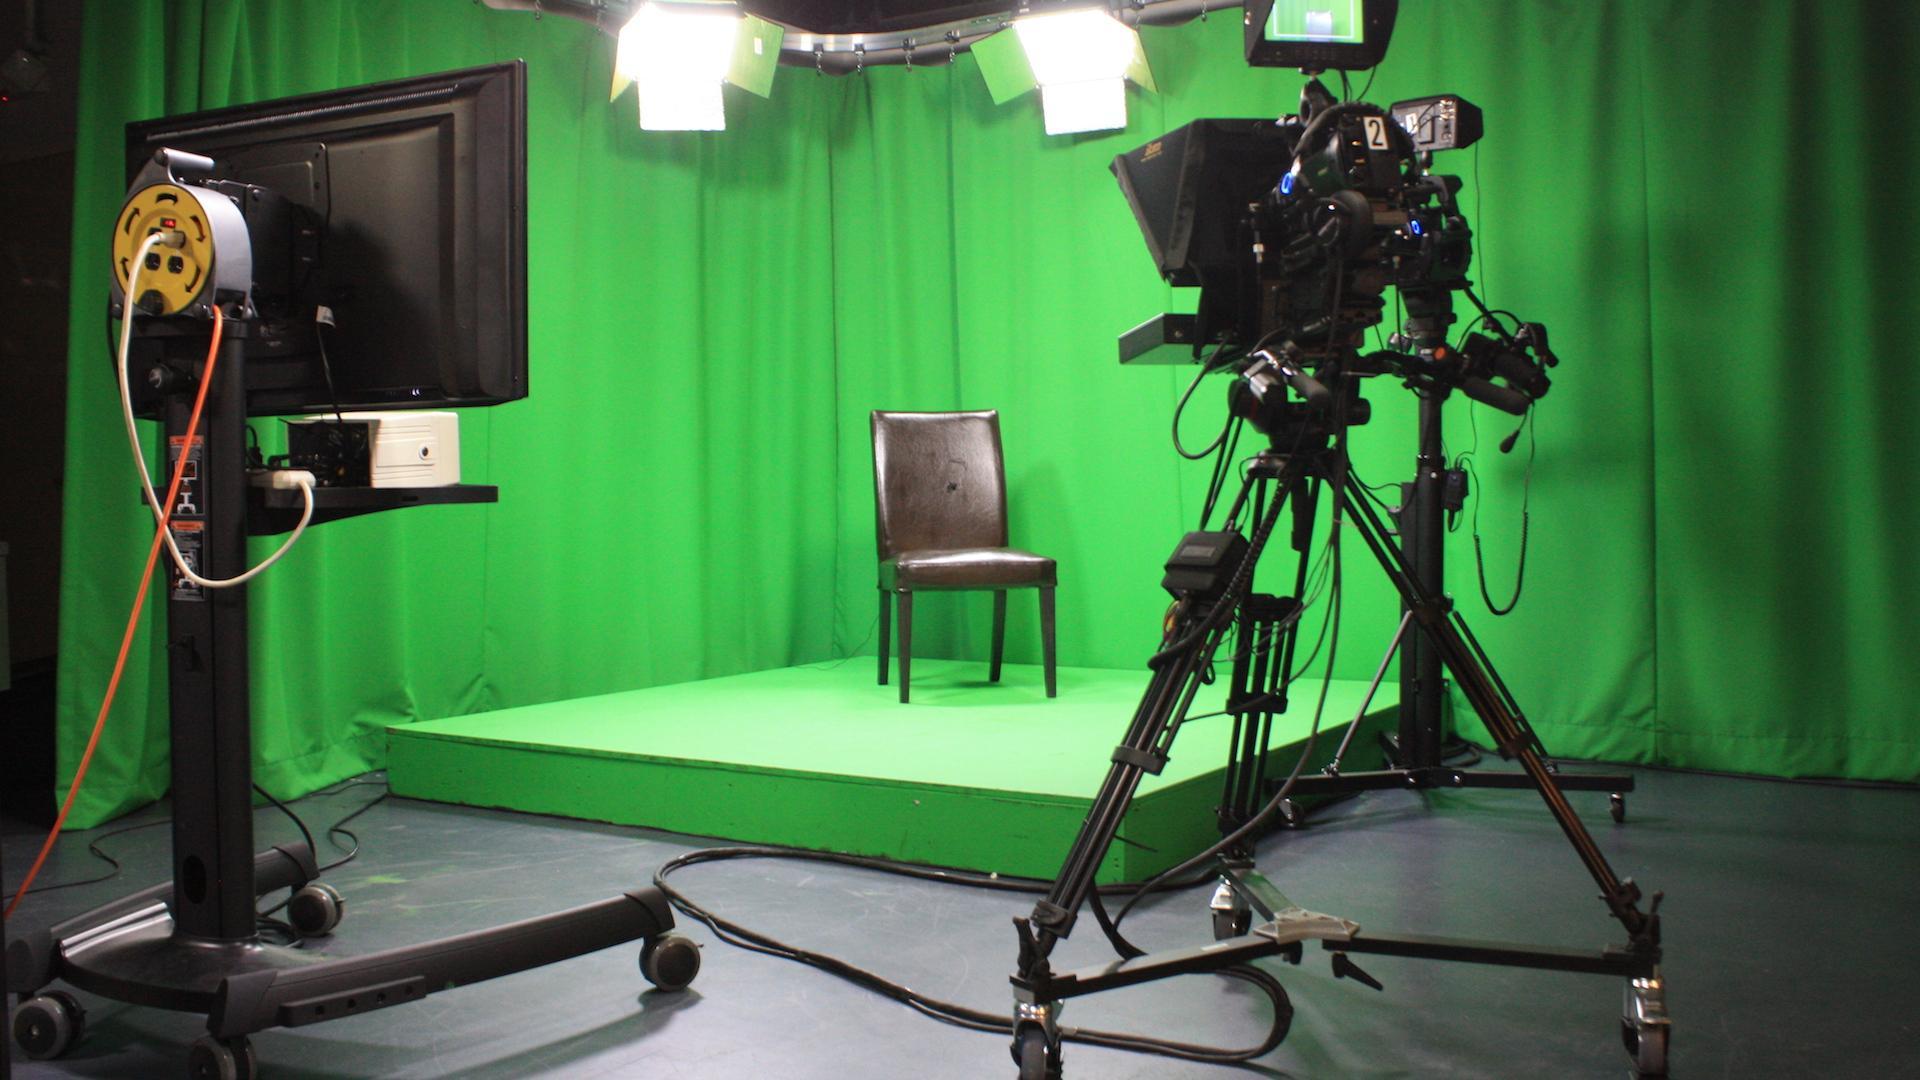 Filmen met greenscreen of in eigen videostudio